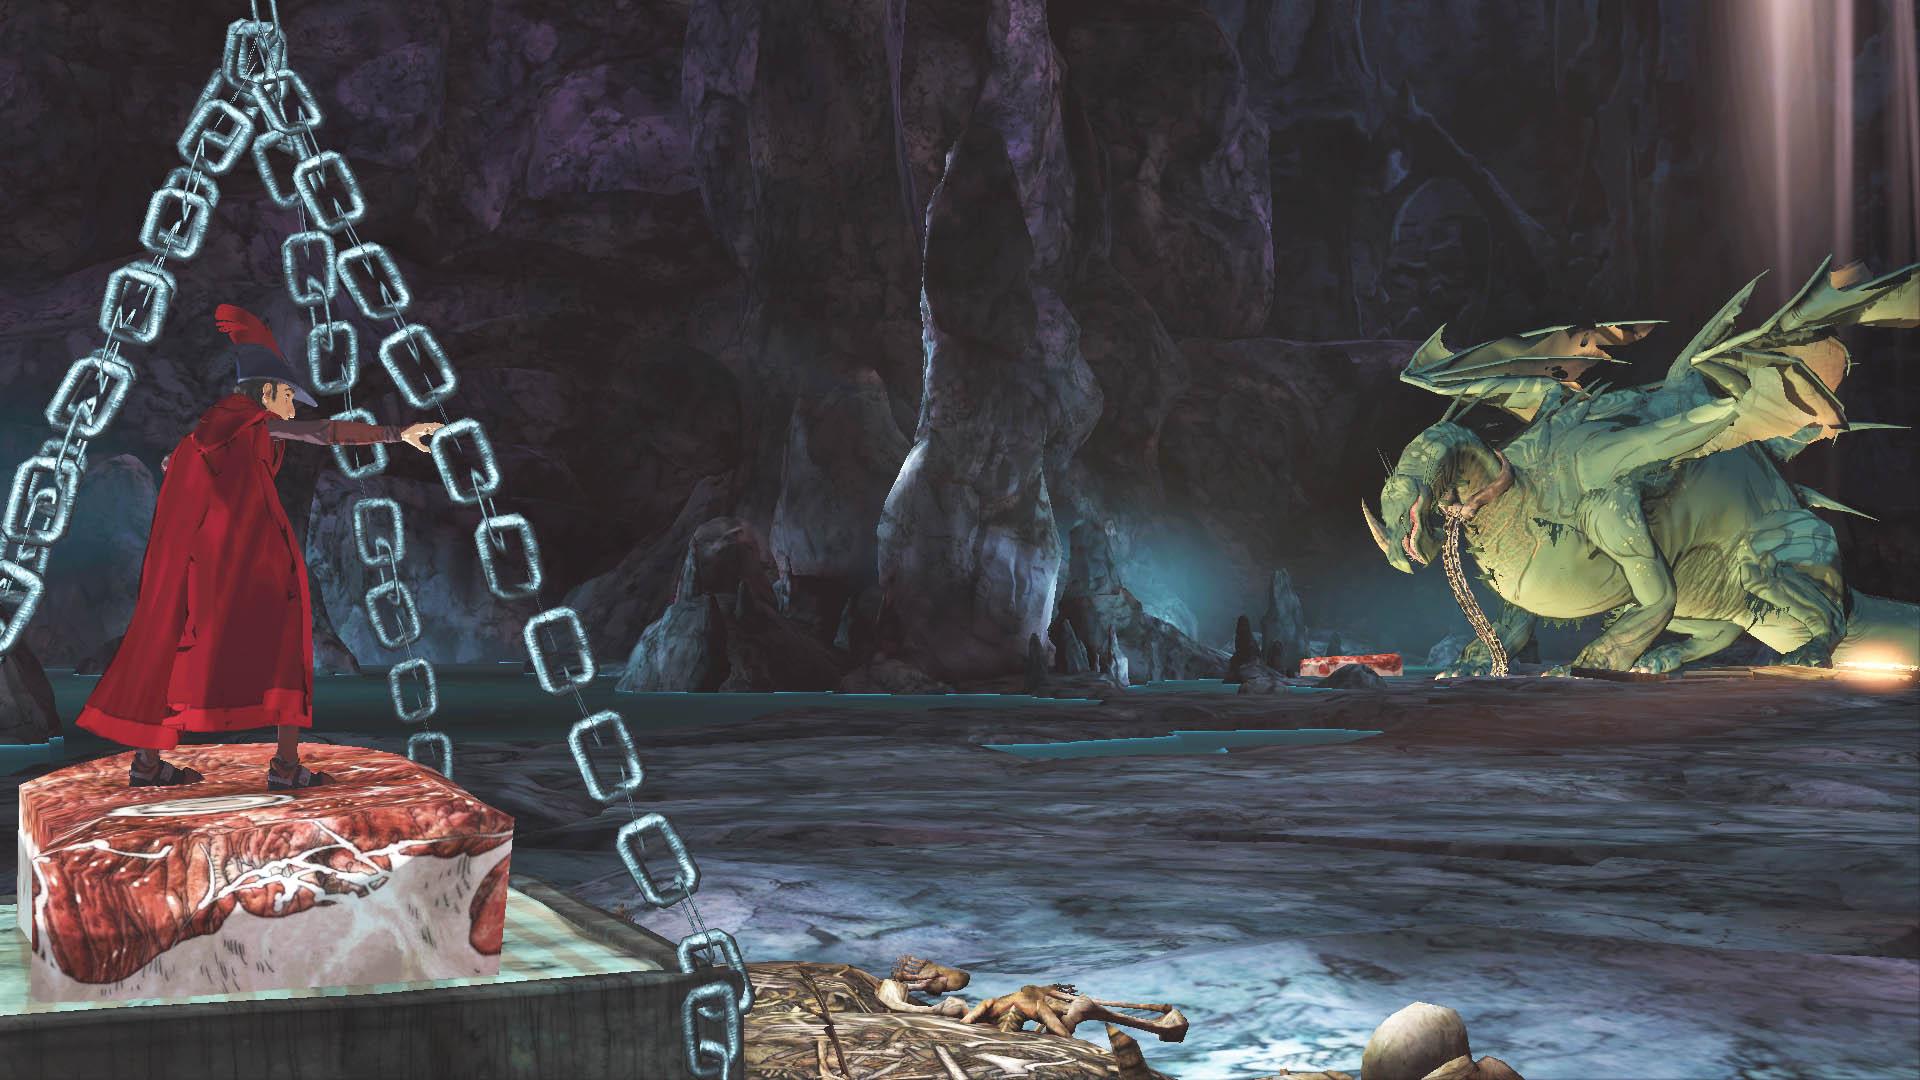 King's Quest Screenshot 2